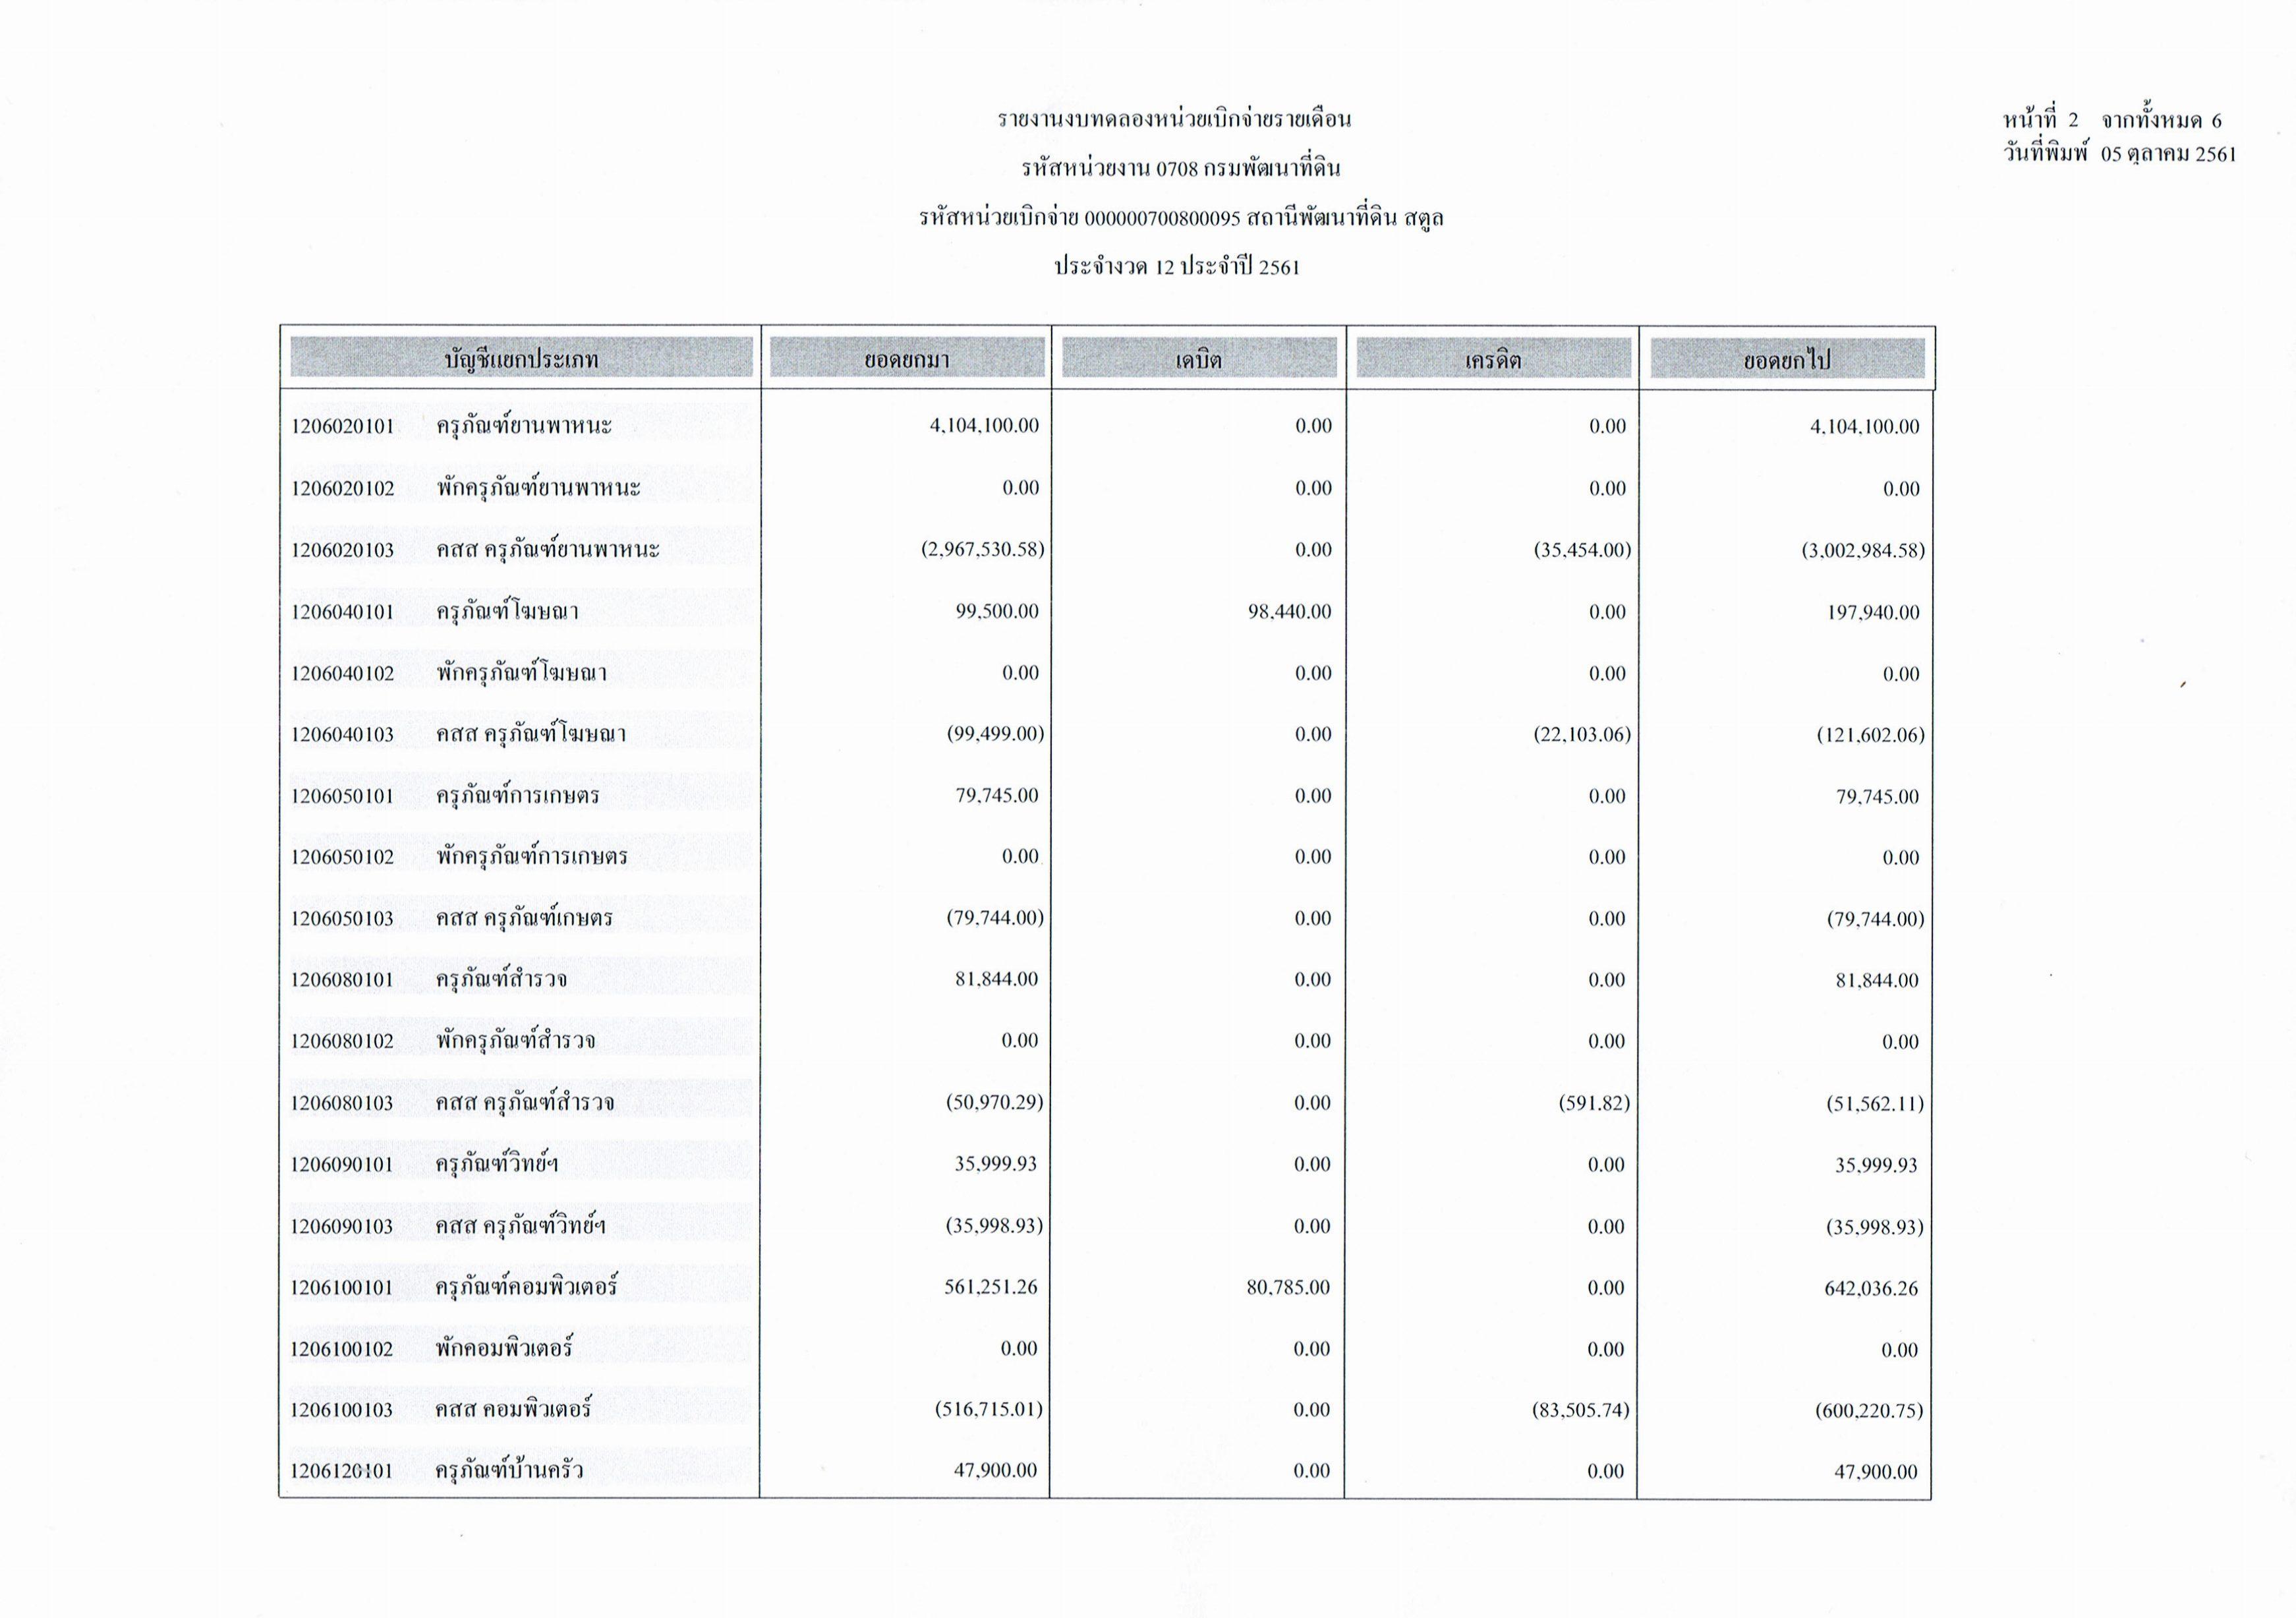 รายงานงบทดลองหน่วยเบิกจ่ายรายเดือนกันยายน ประจำงวด 12 ประจำปี 2561_2